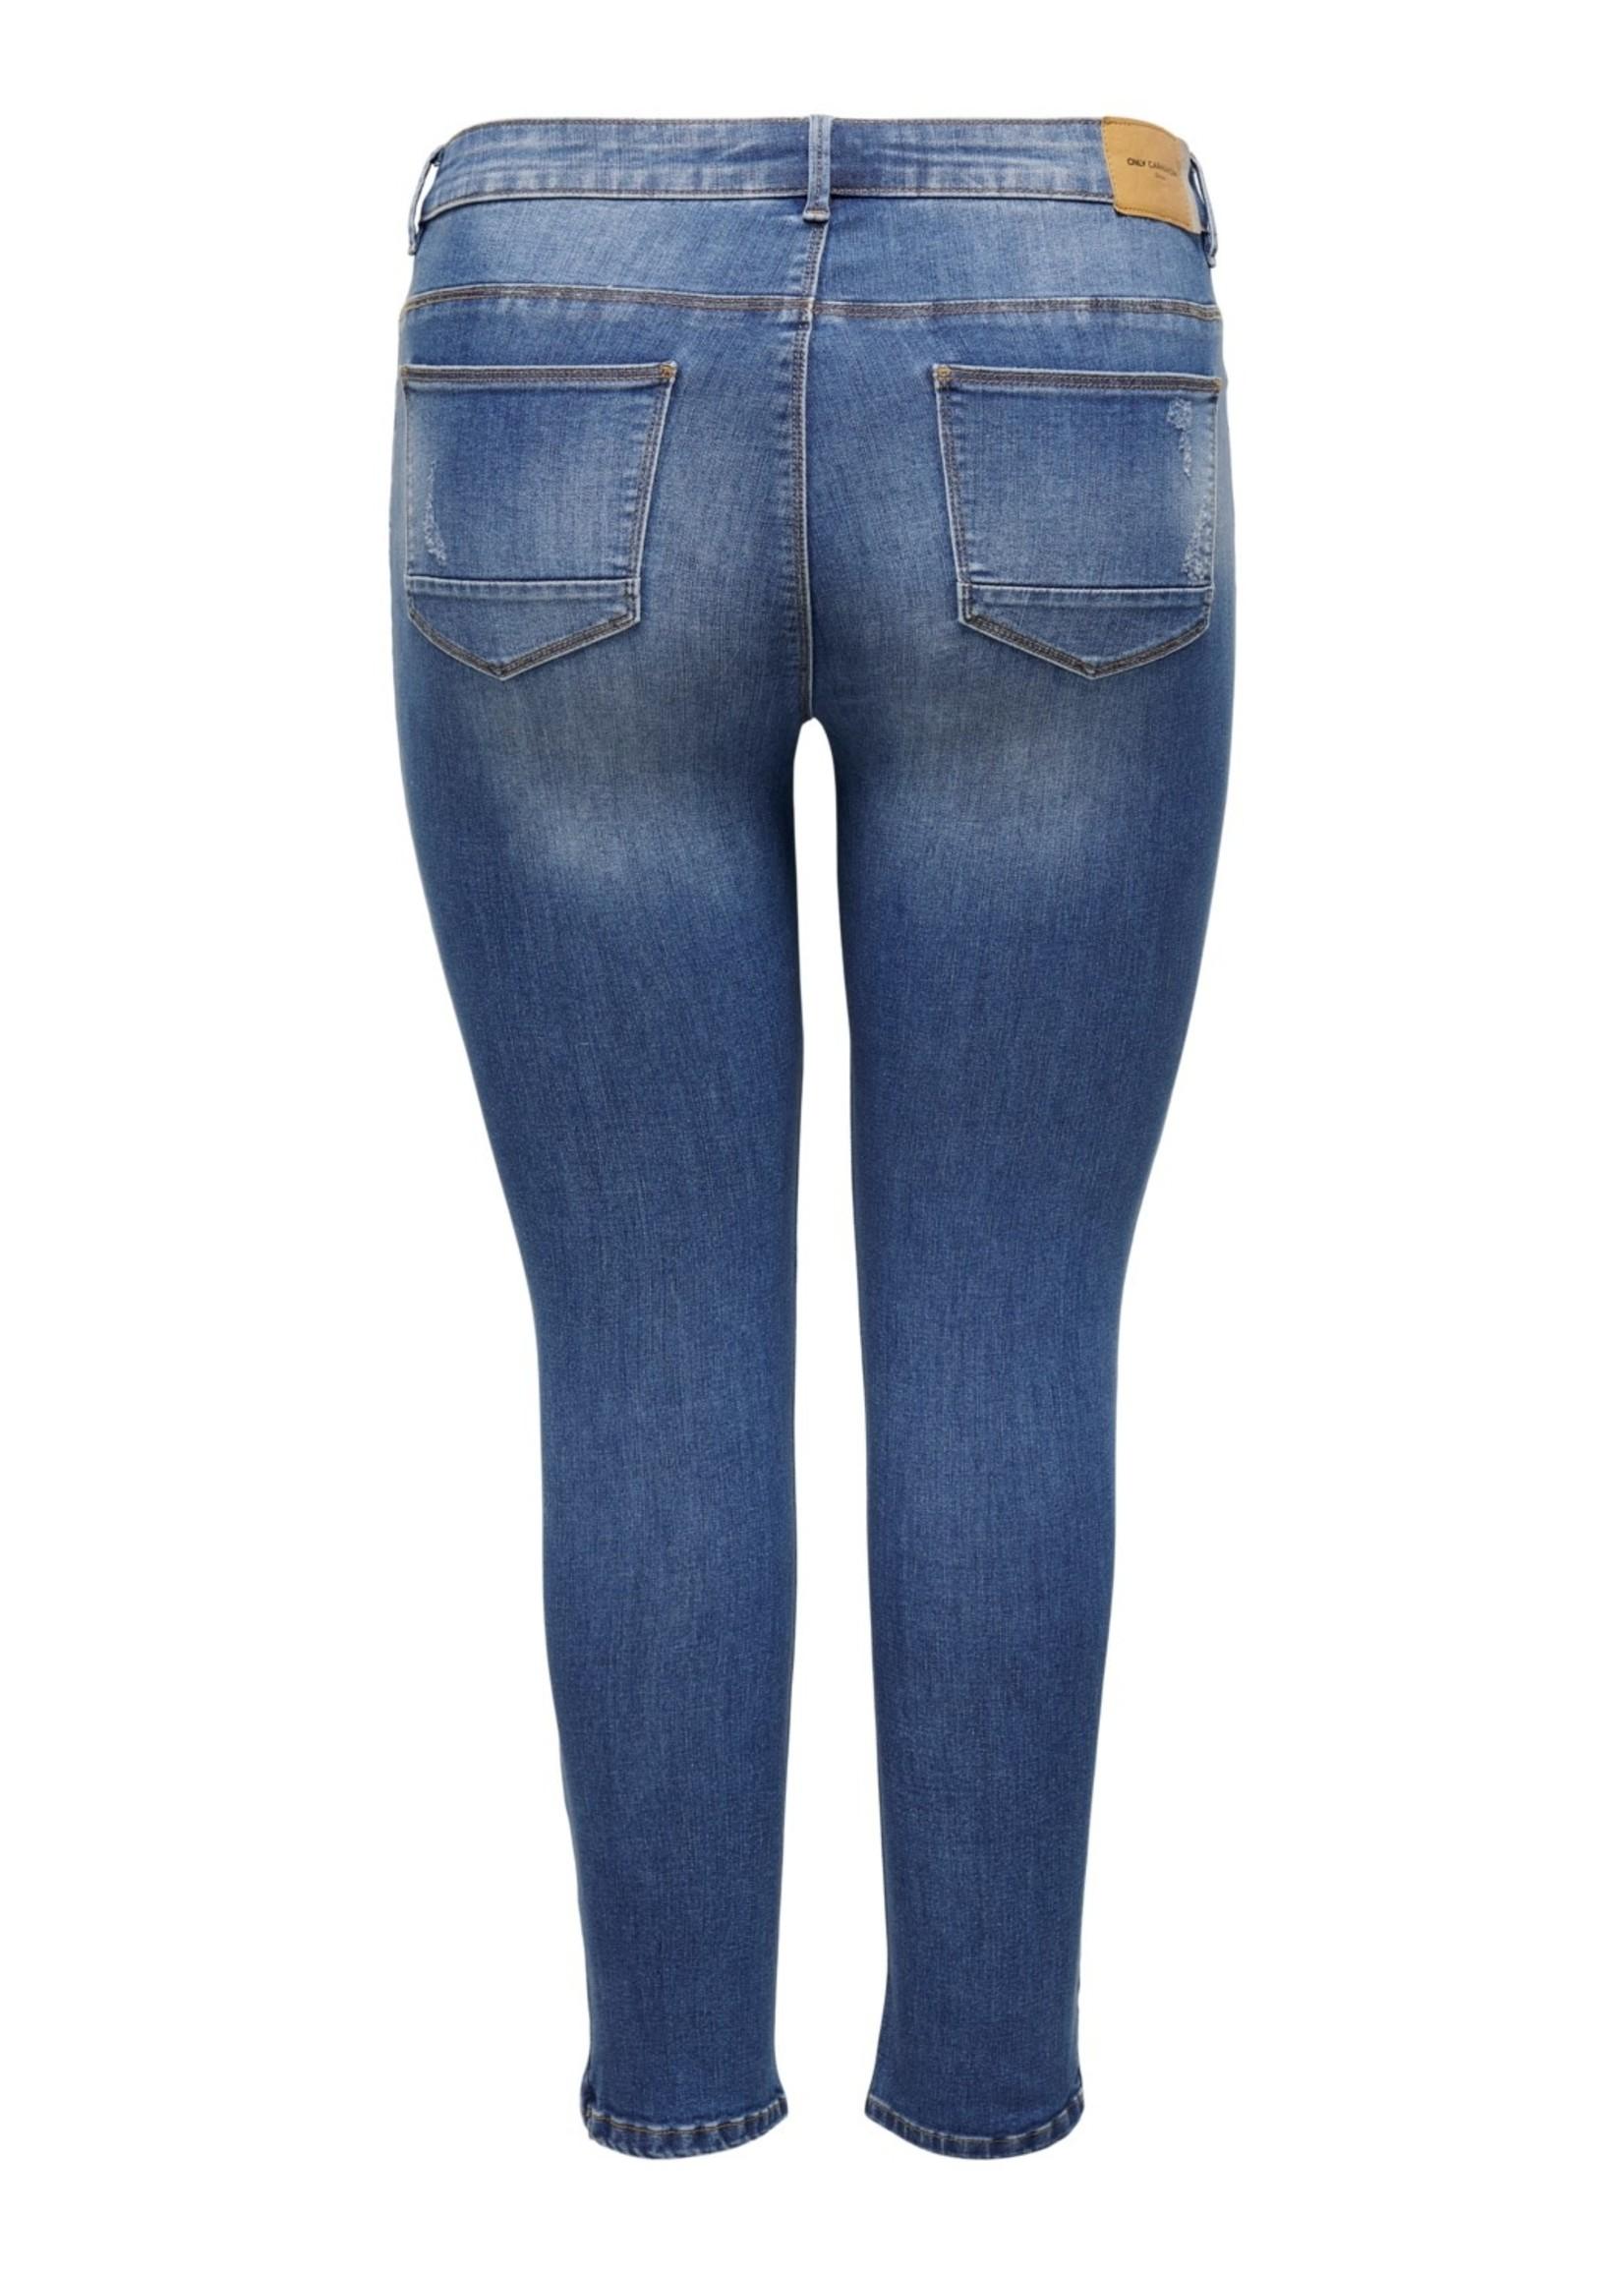 Only Carmakoma Only Carmakoma Karla Ankle Jeans